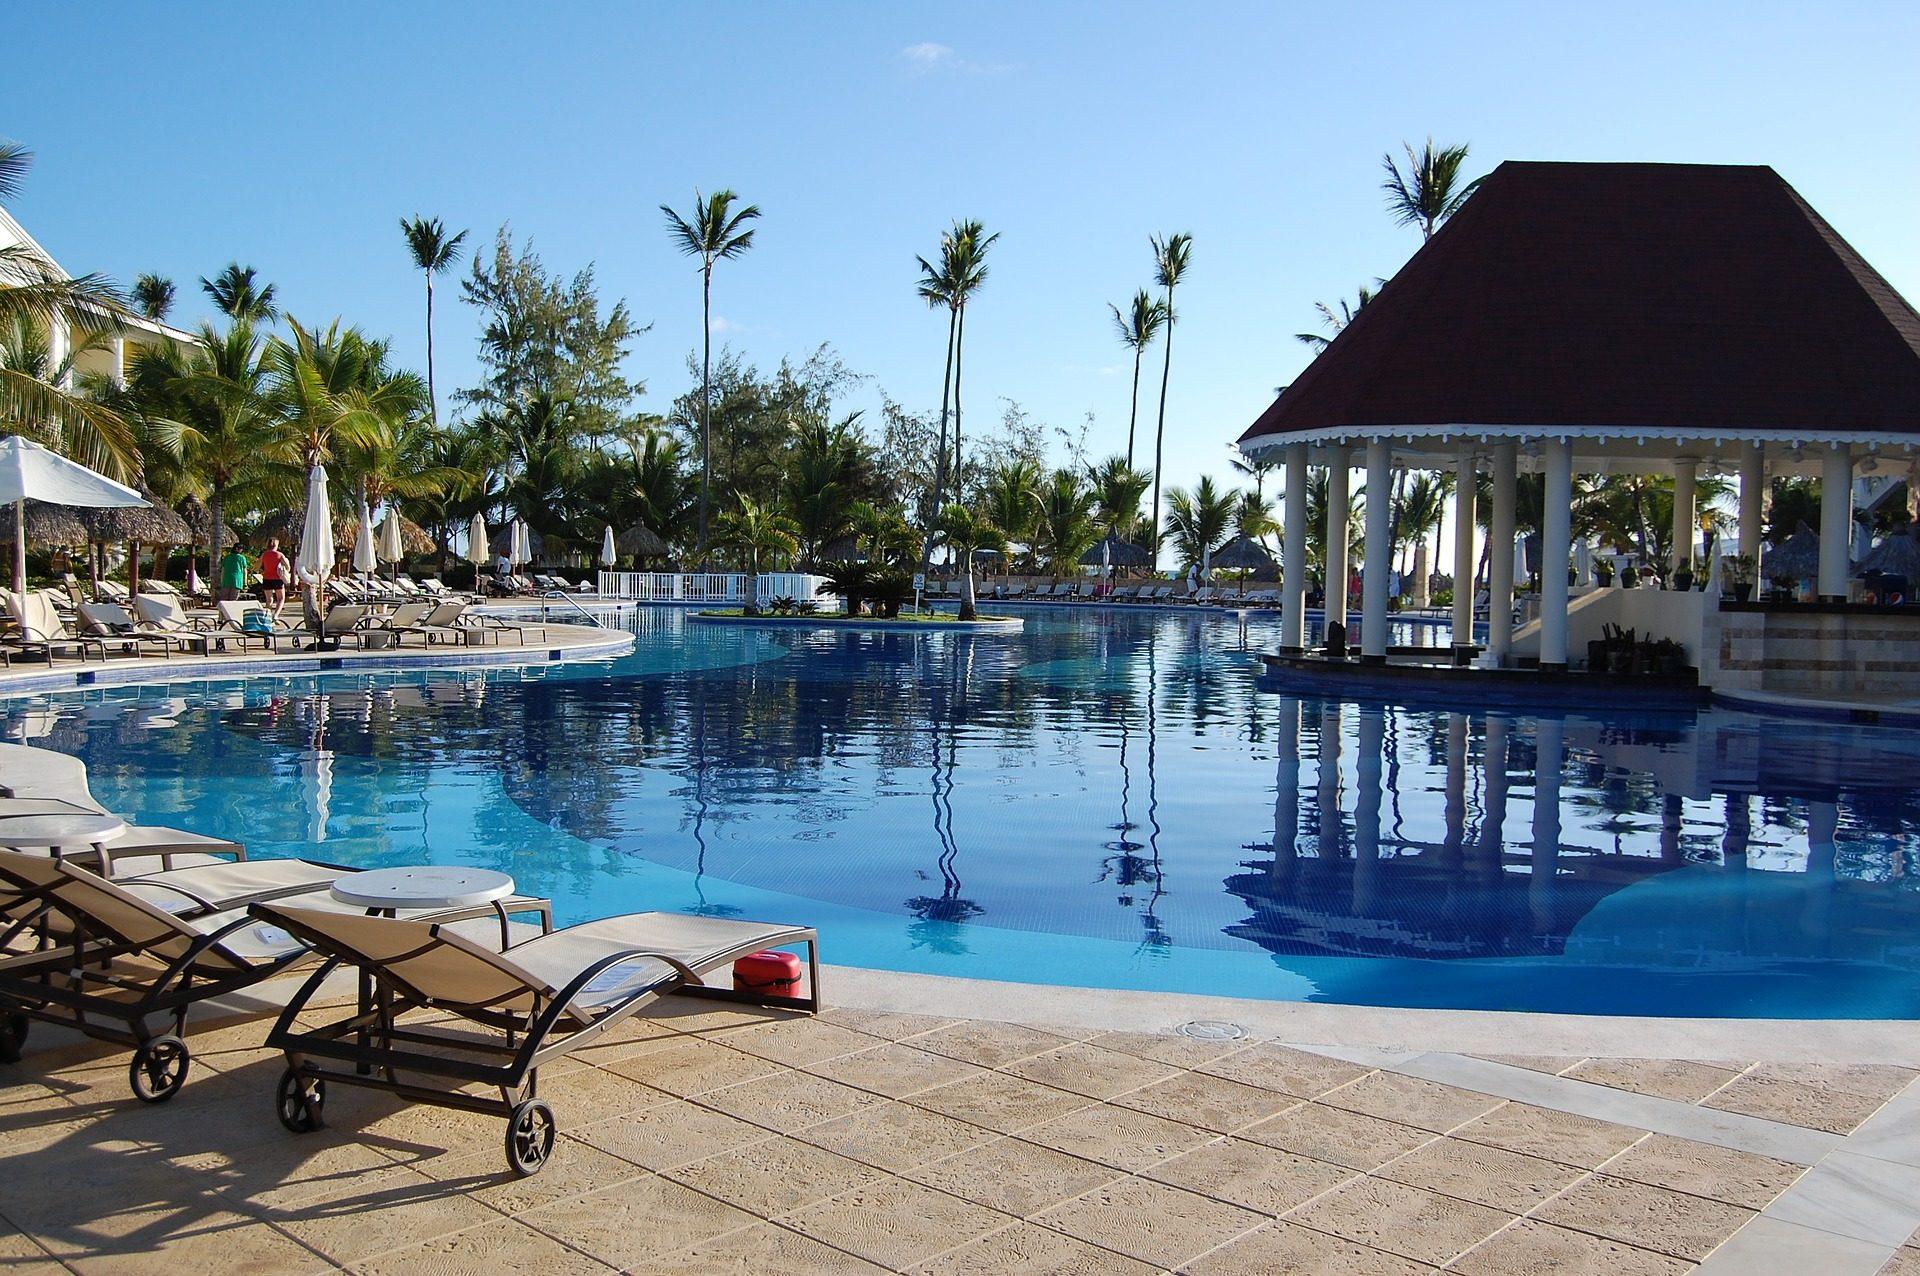 Hotel, Resort, Reisen, Pool, Hängematten, Rest, Entspannen Sie sich, Dominikanische Republik - Wallpaper HD - Prof.-falken.com